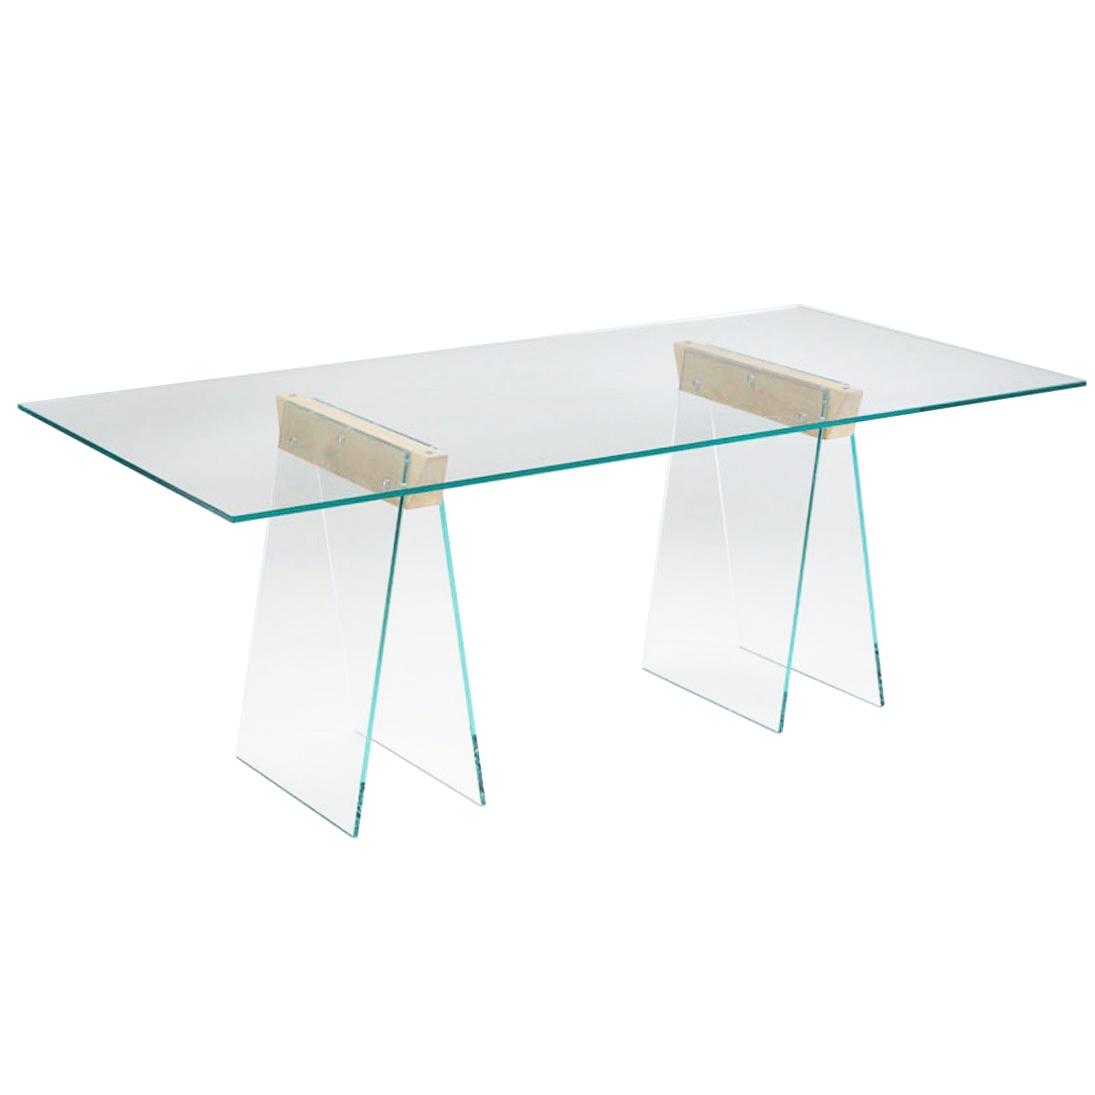 TONELLI jídelní stoly Kasteel (245 x 120 cm)